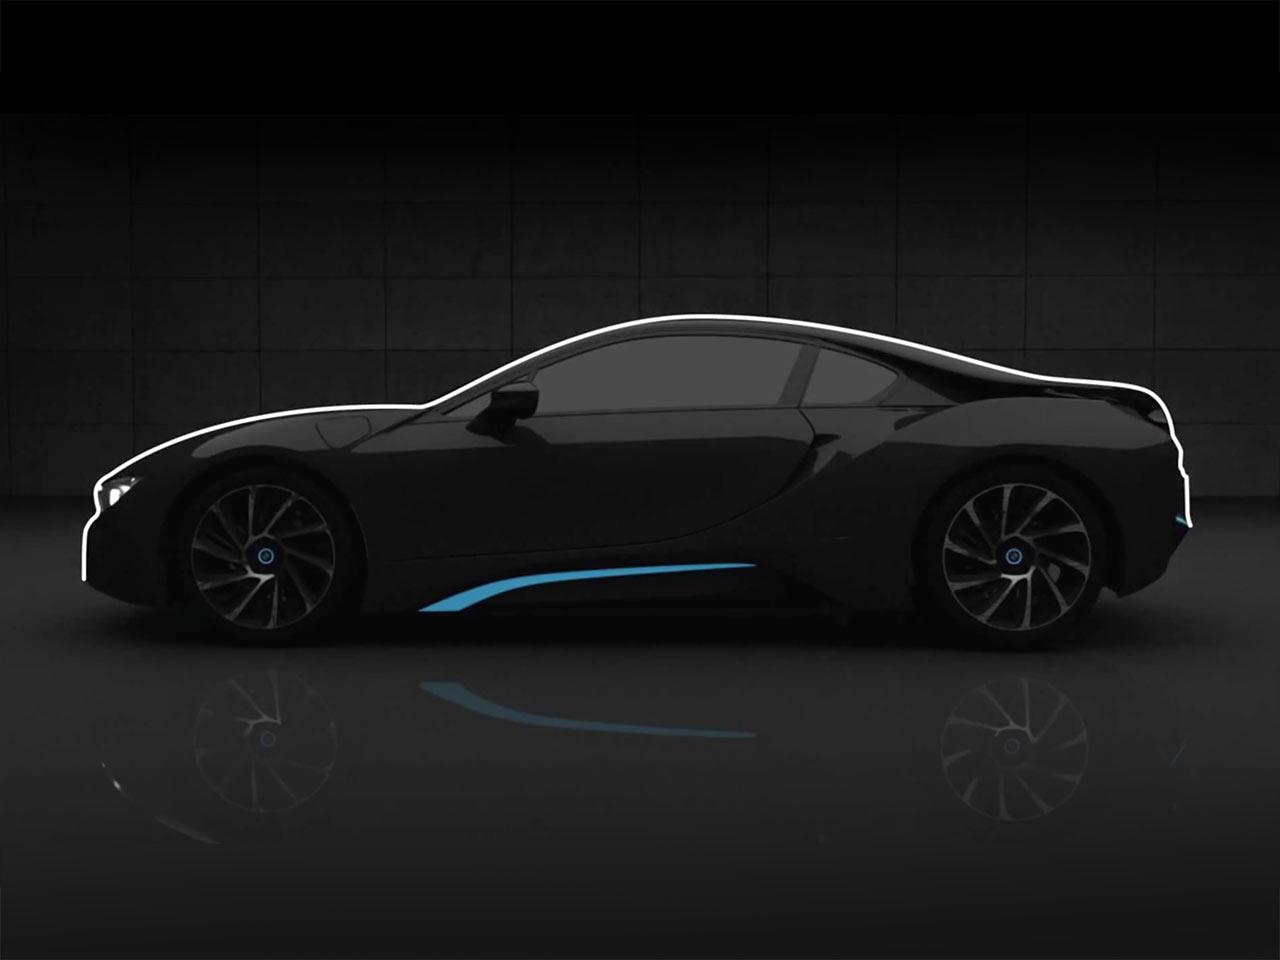 Bmw I8 Side View Design Car Body Design